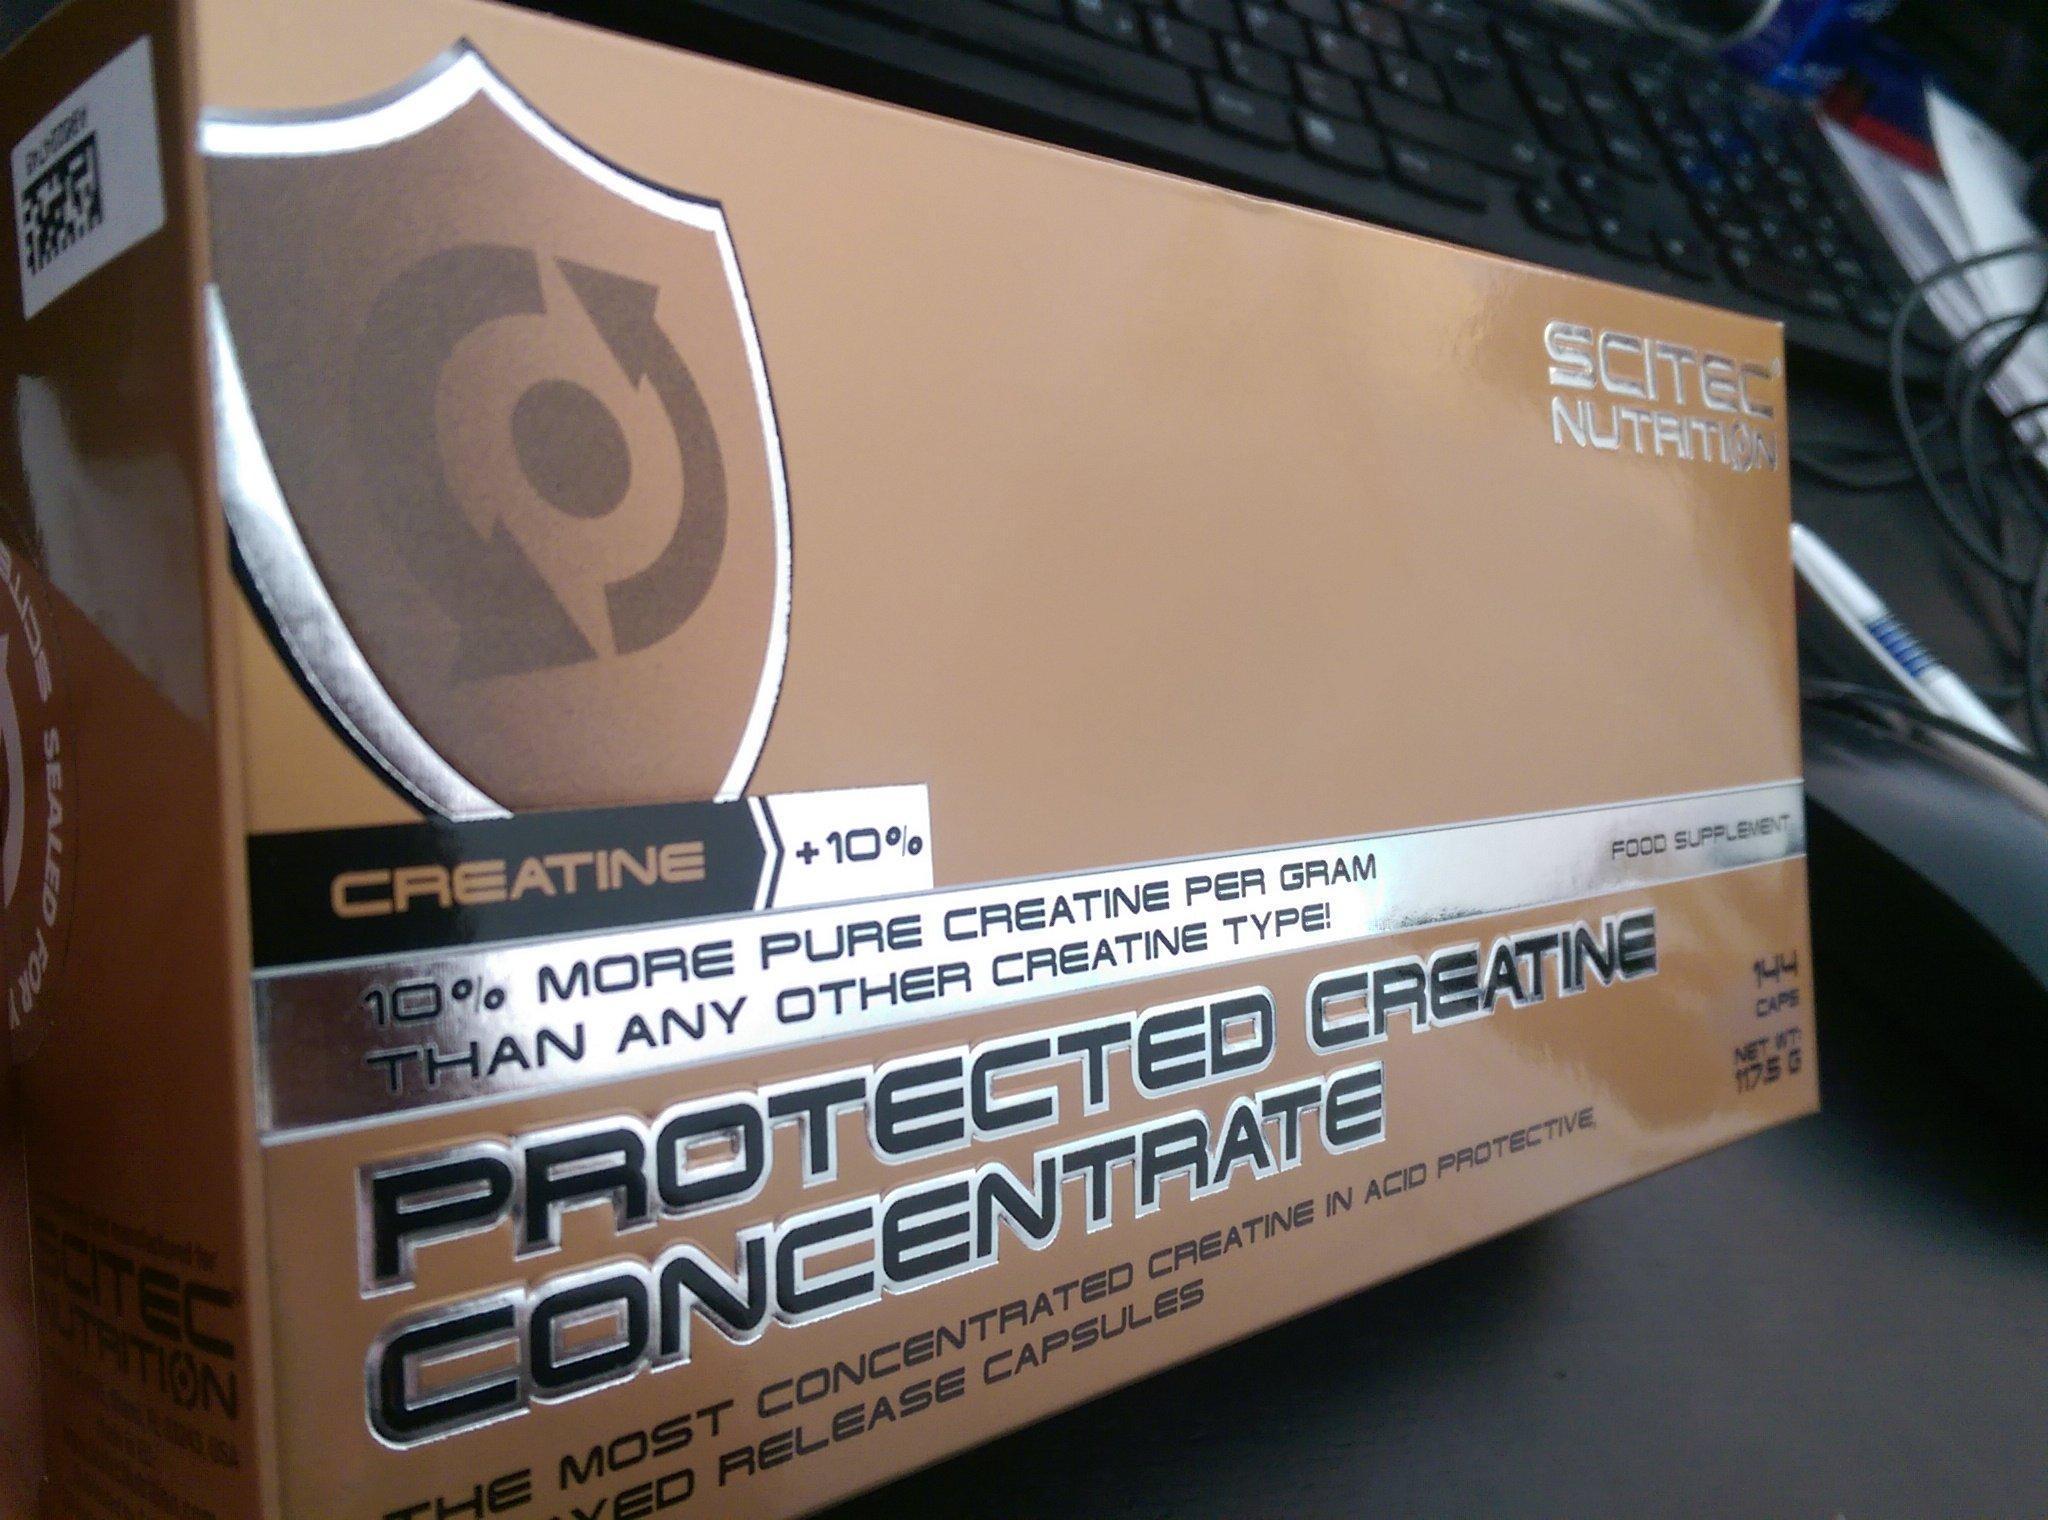 Neu: Protected Creatin Concentrate von Scitec